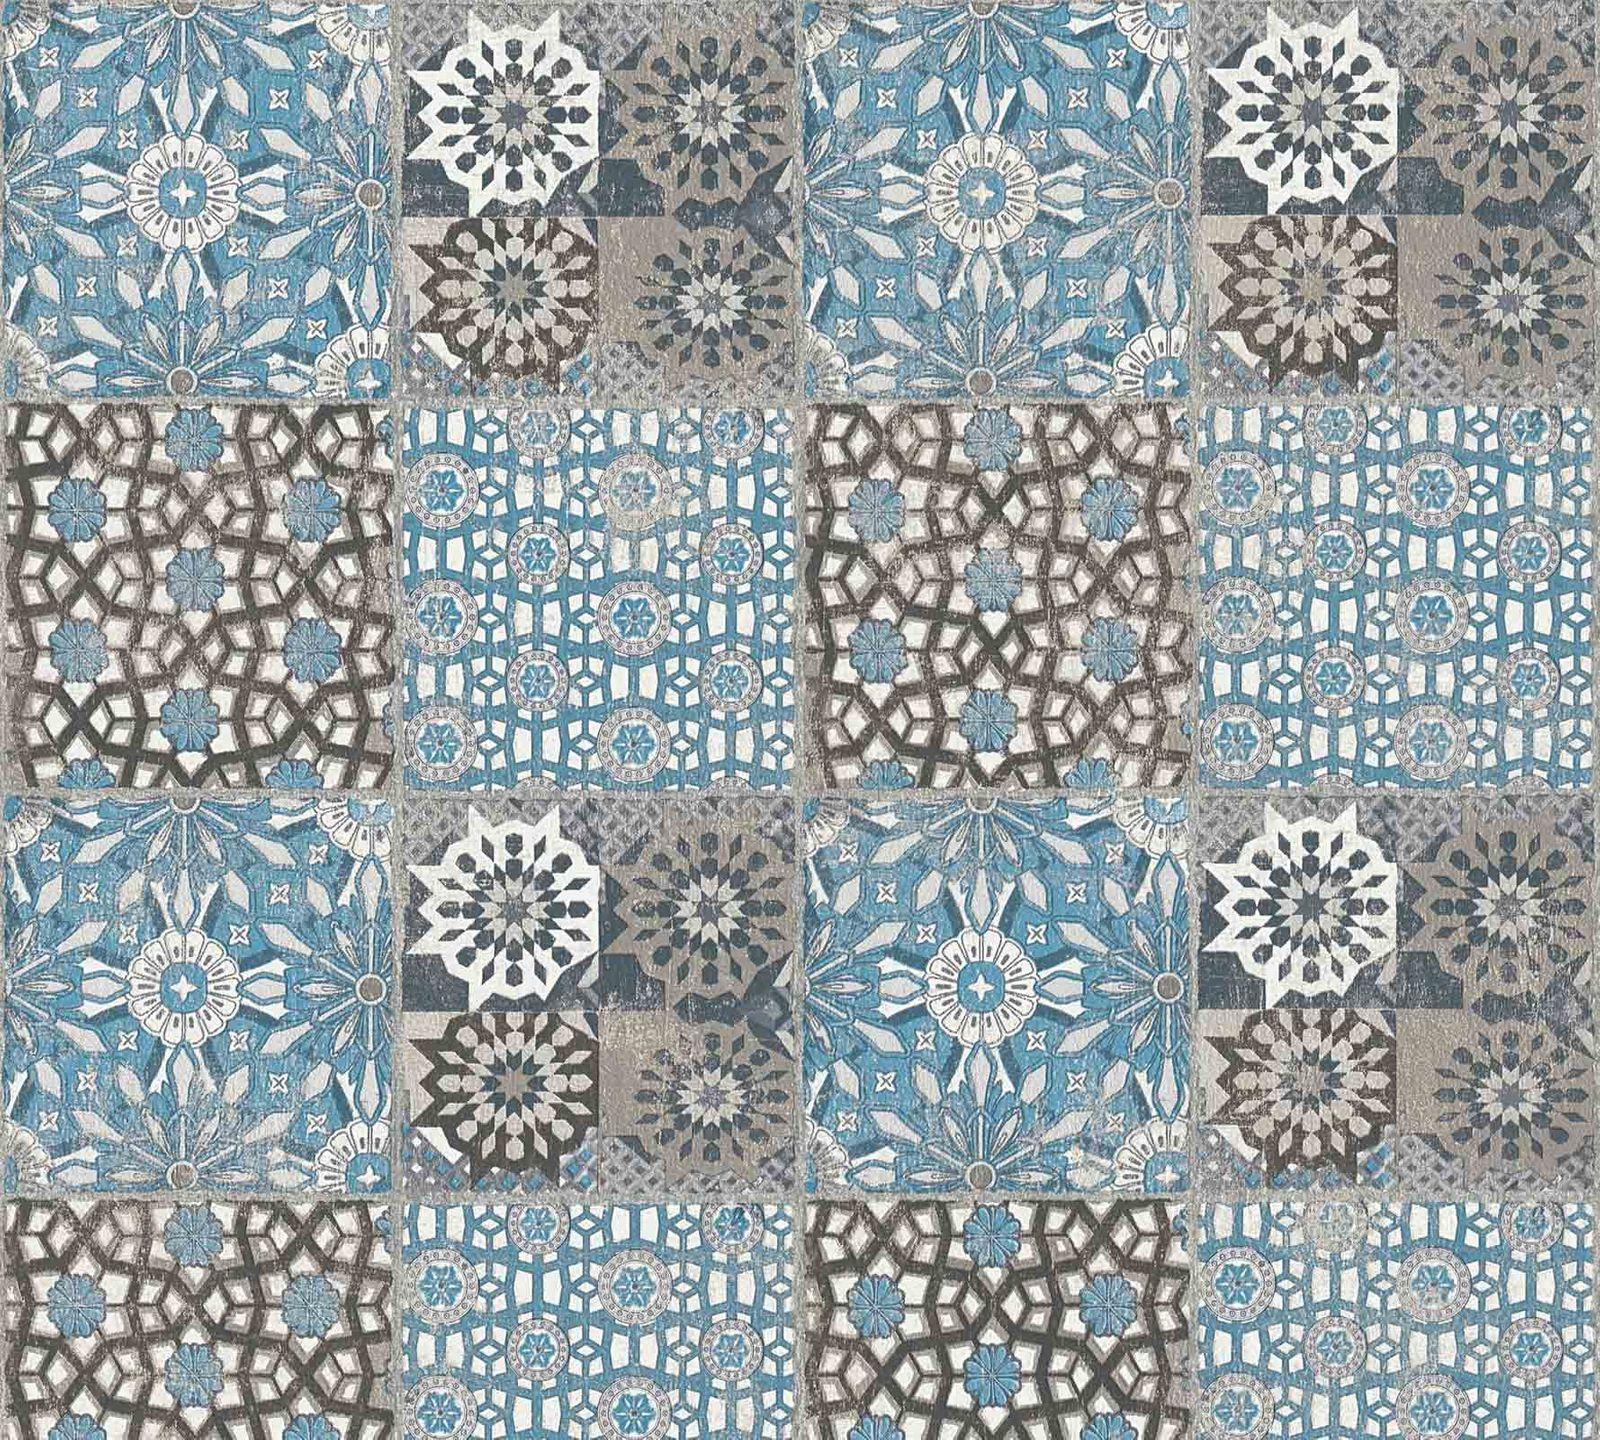 Vliestapete marokkanische fliesen blau schwarz 36895 5 for Vliestapete auf fliesen